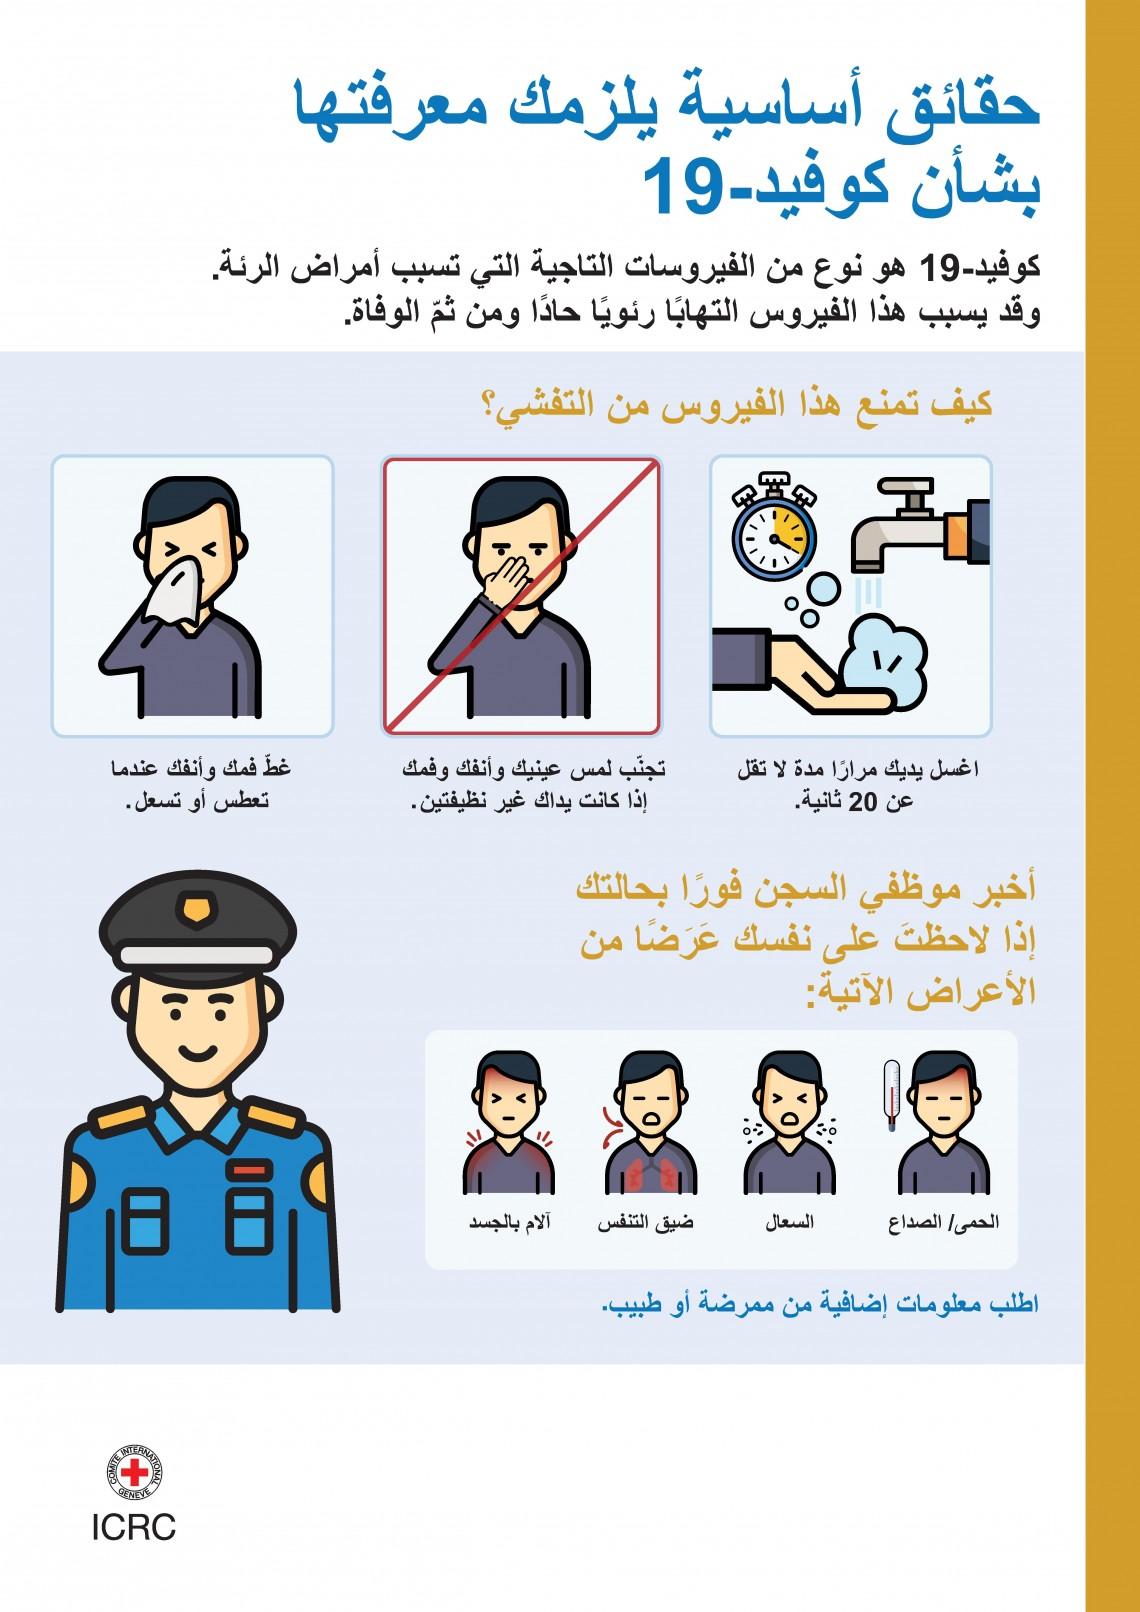 ملصق لتوعية المحتجزين حول كوفيد-19